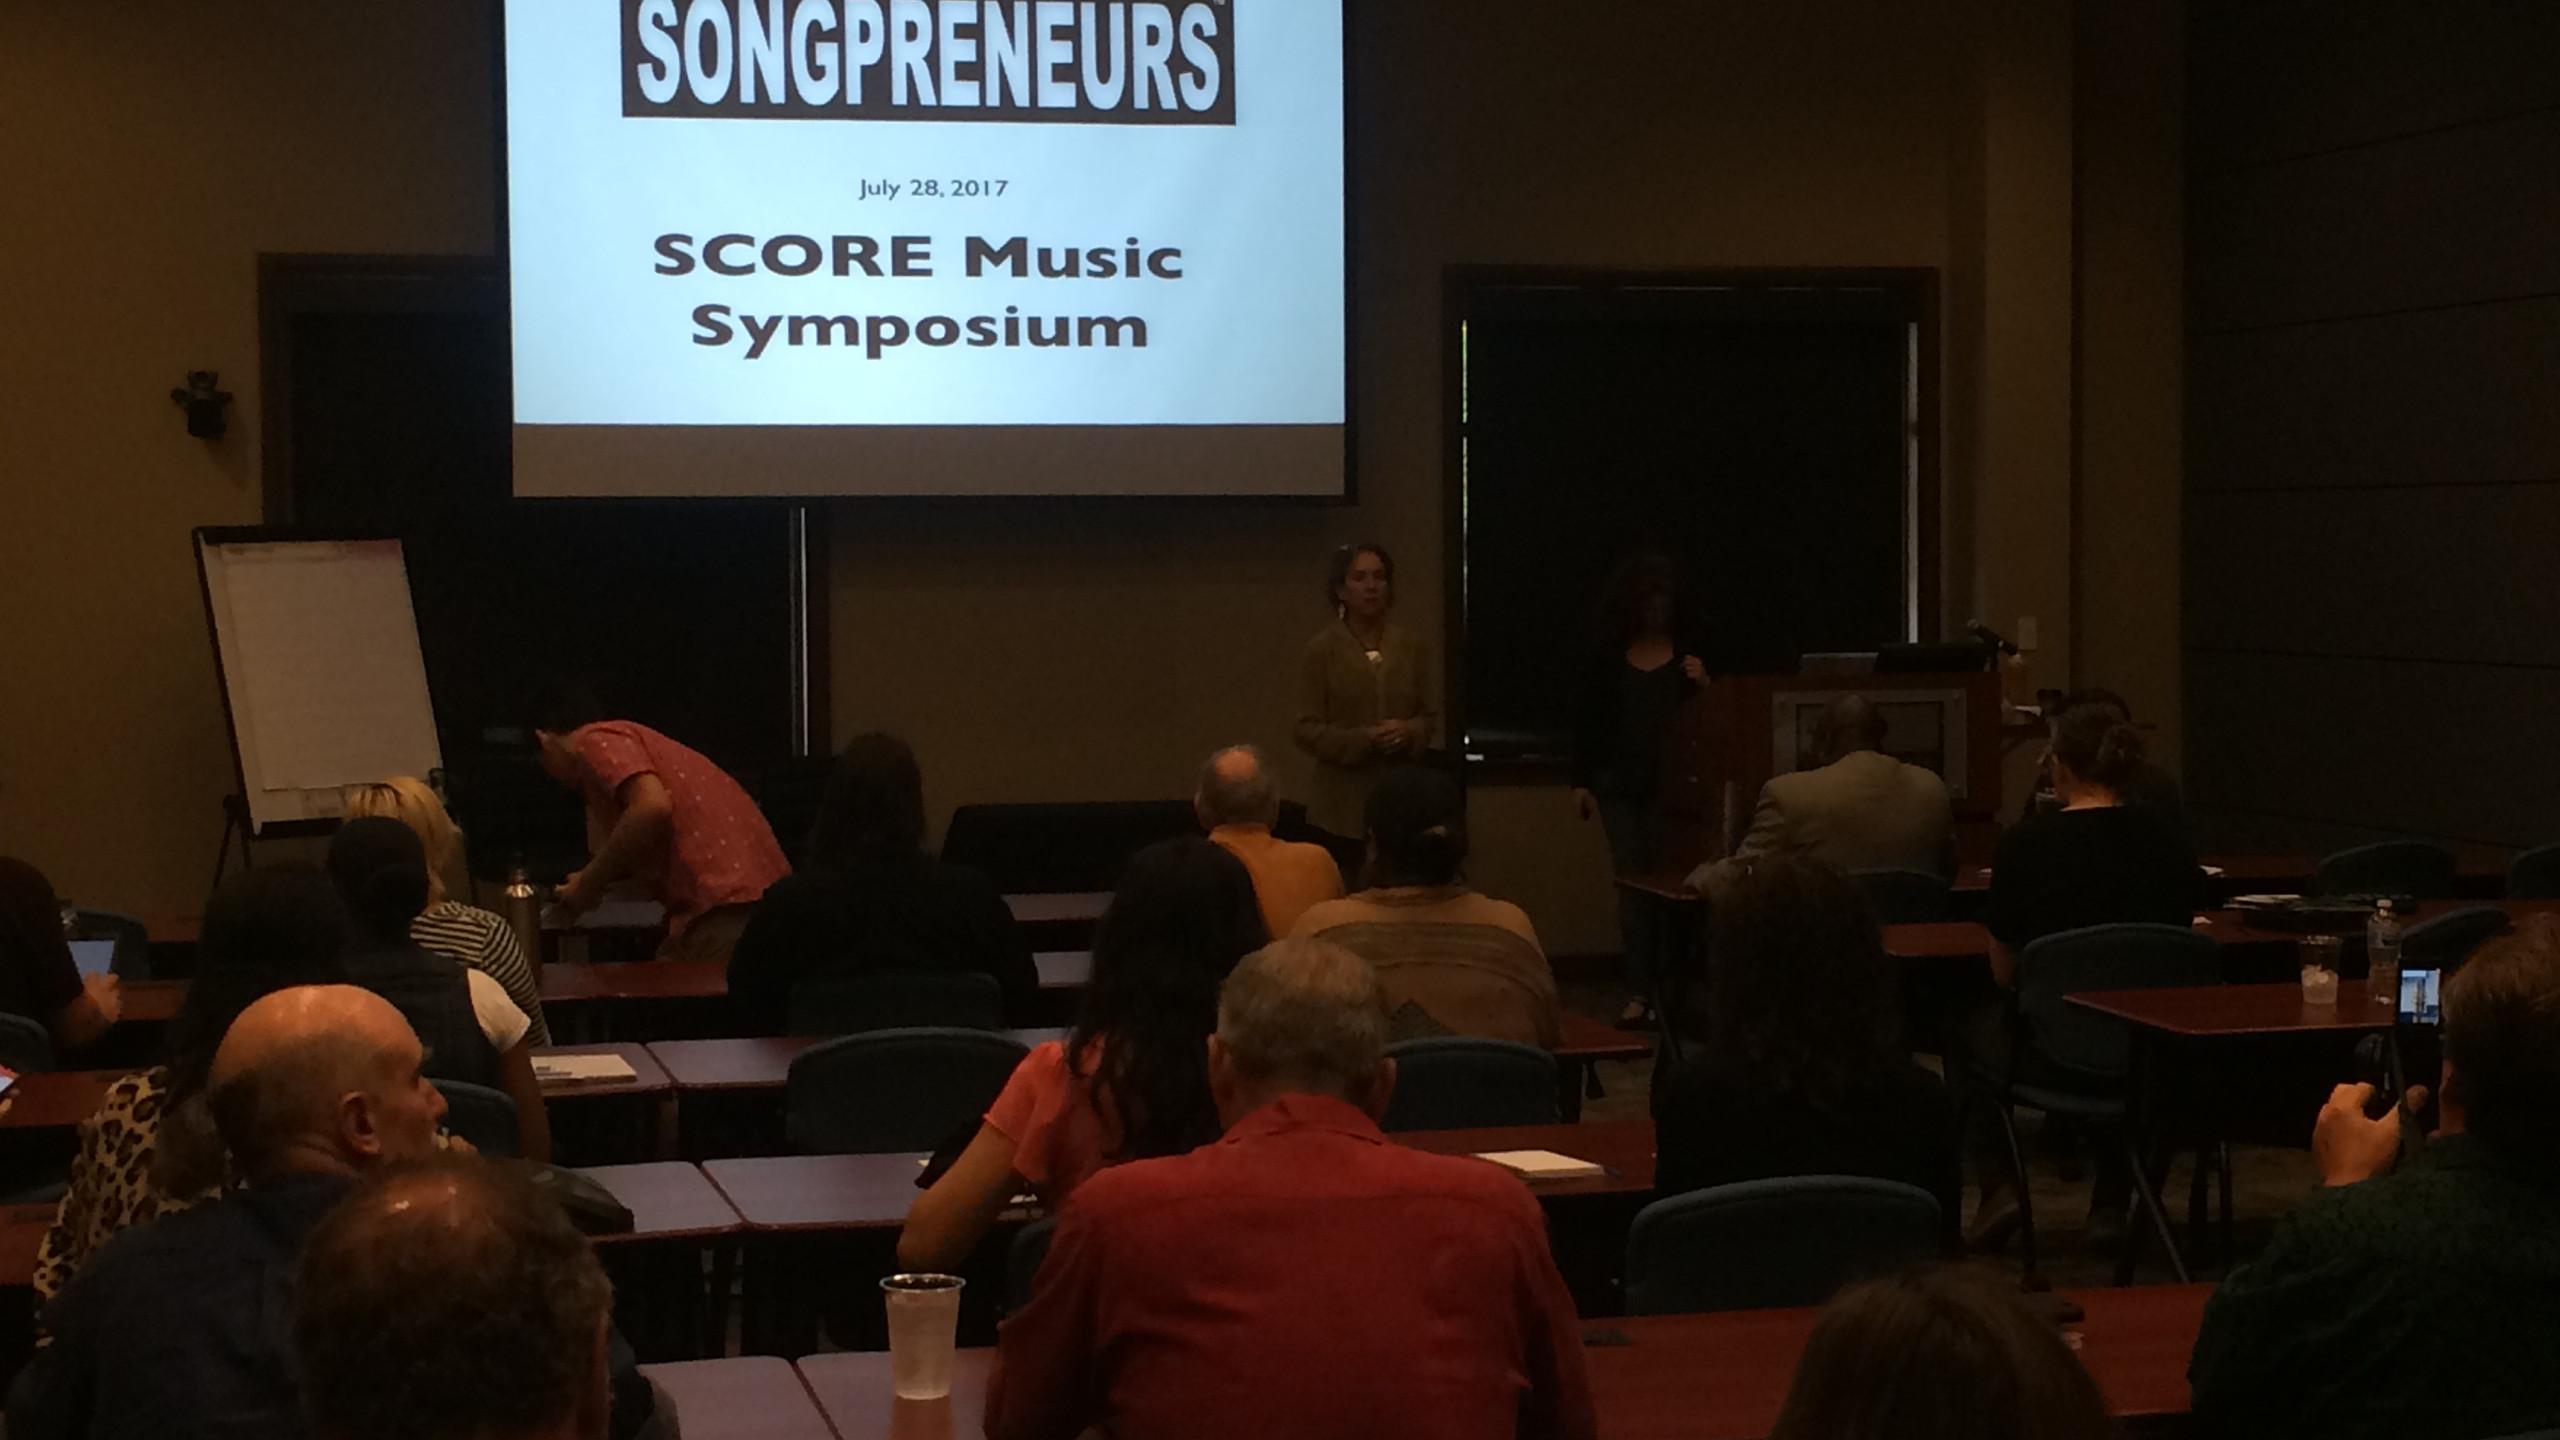 SCORE Music Symposium 2017